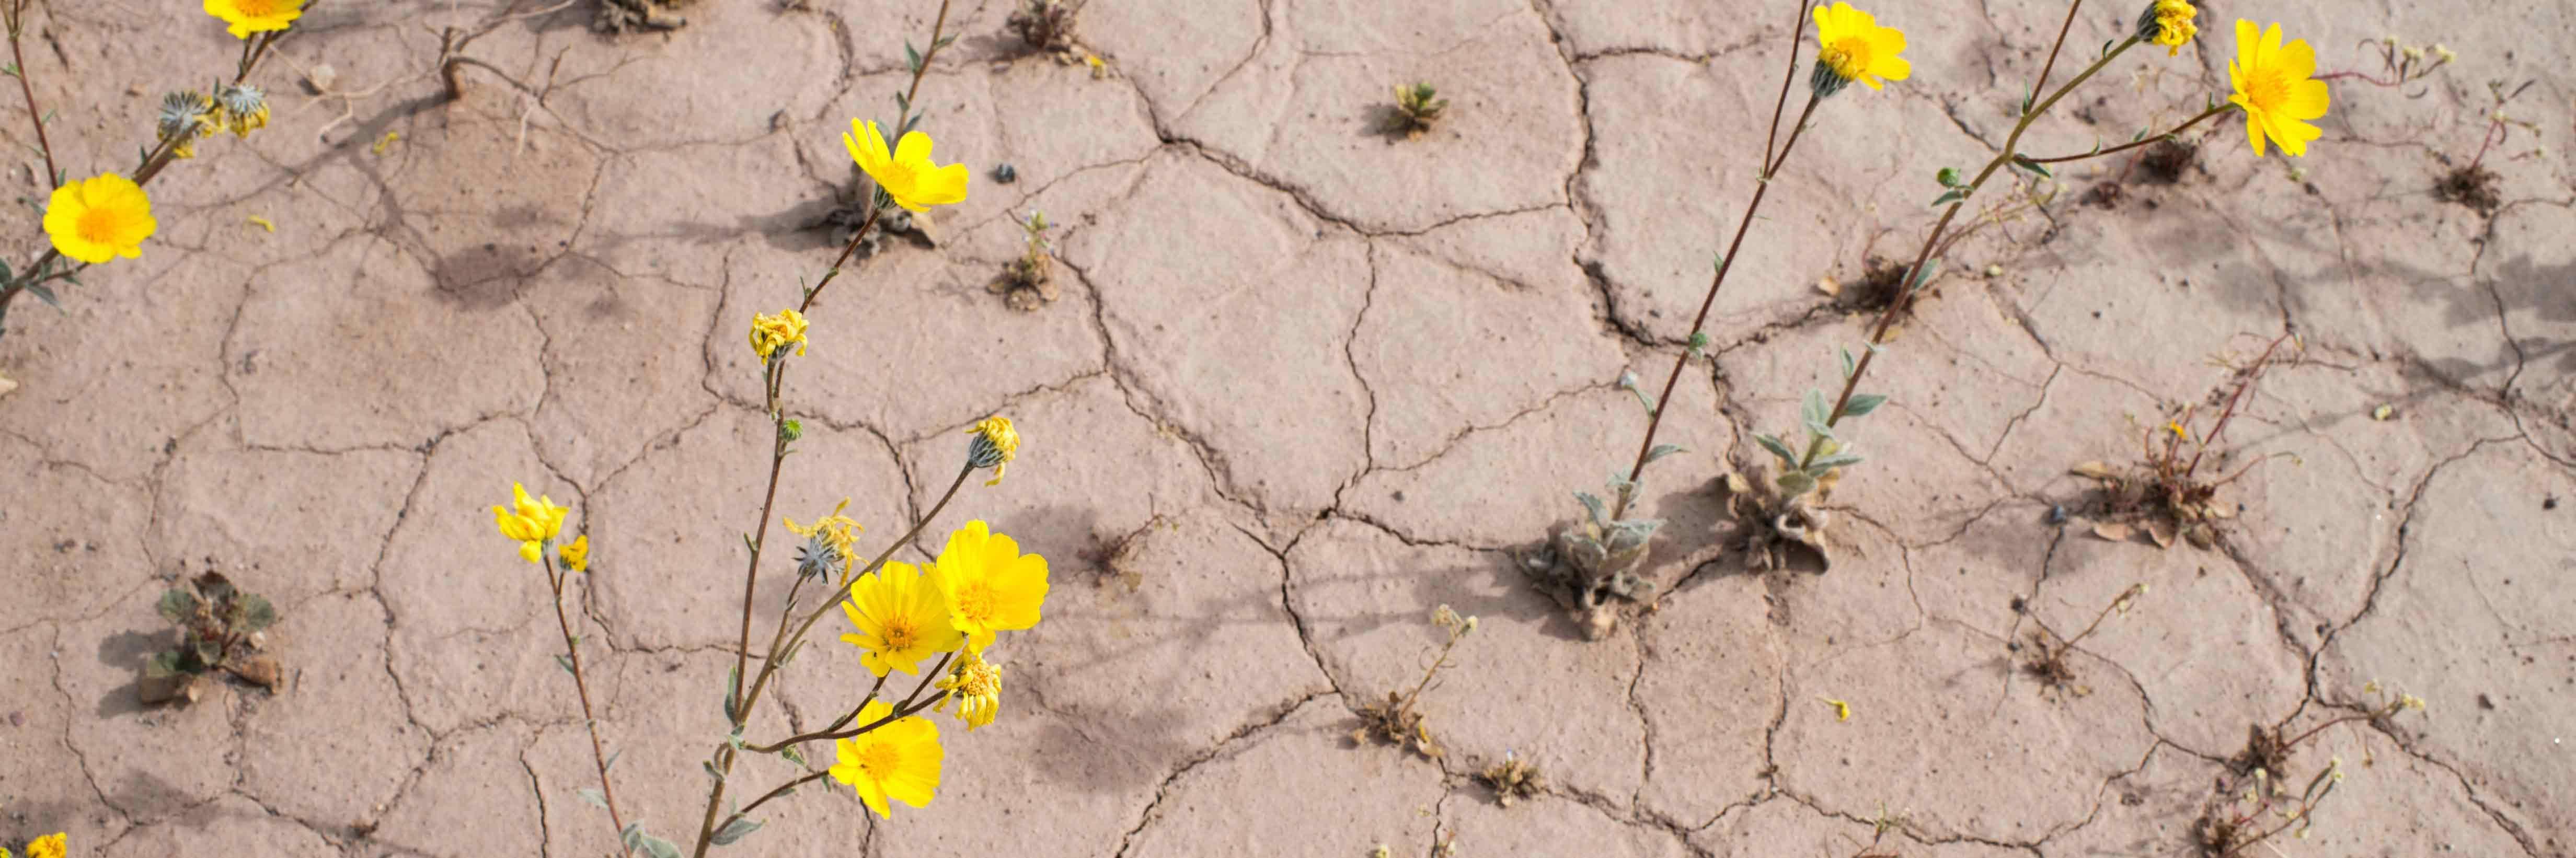 Colorado Springs Death Valley